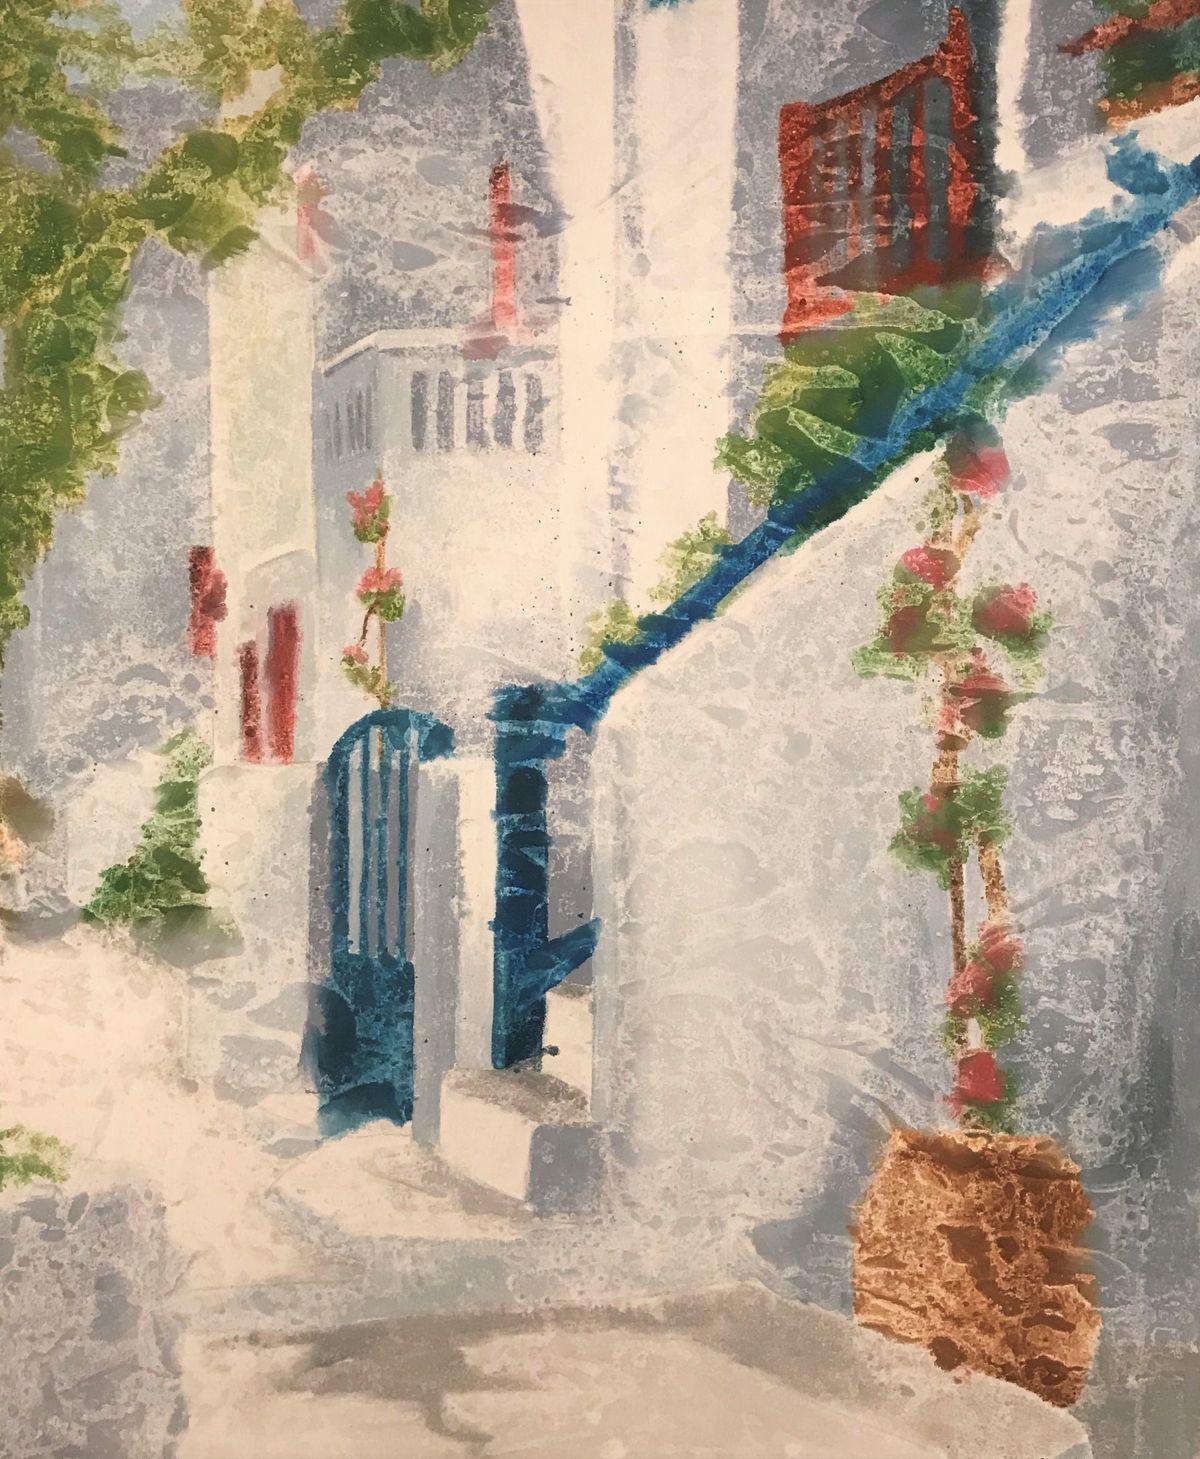 Τίνα Μάσχα 80×100 εκ. Ακρυλικα σε καμβά Tina Mascha 80×100 cm Acrylics on canvas